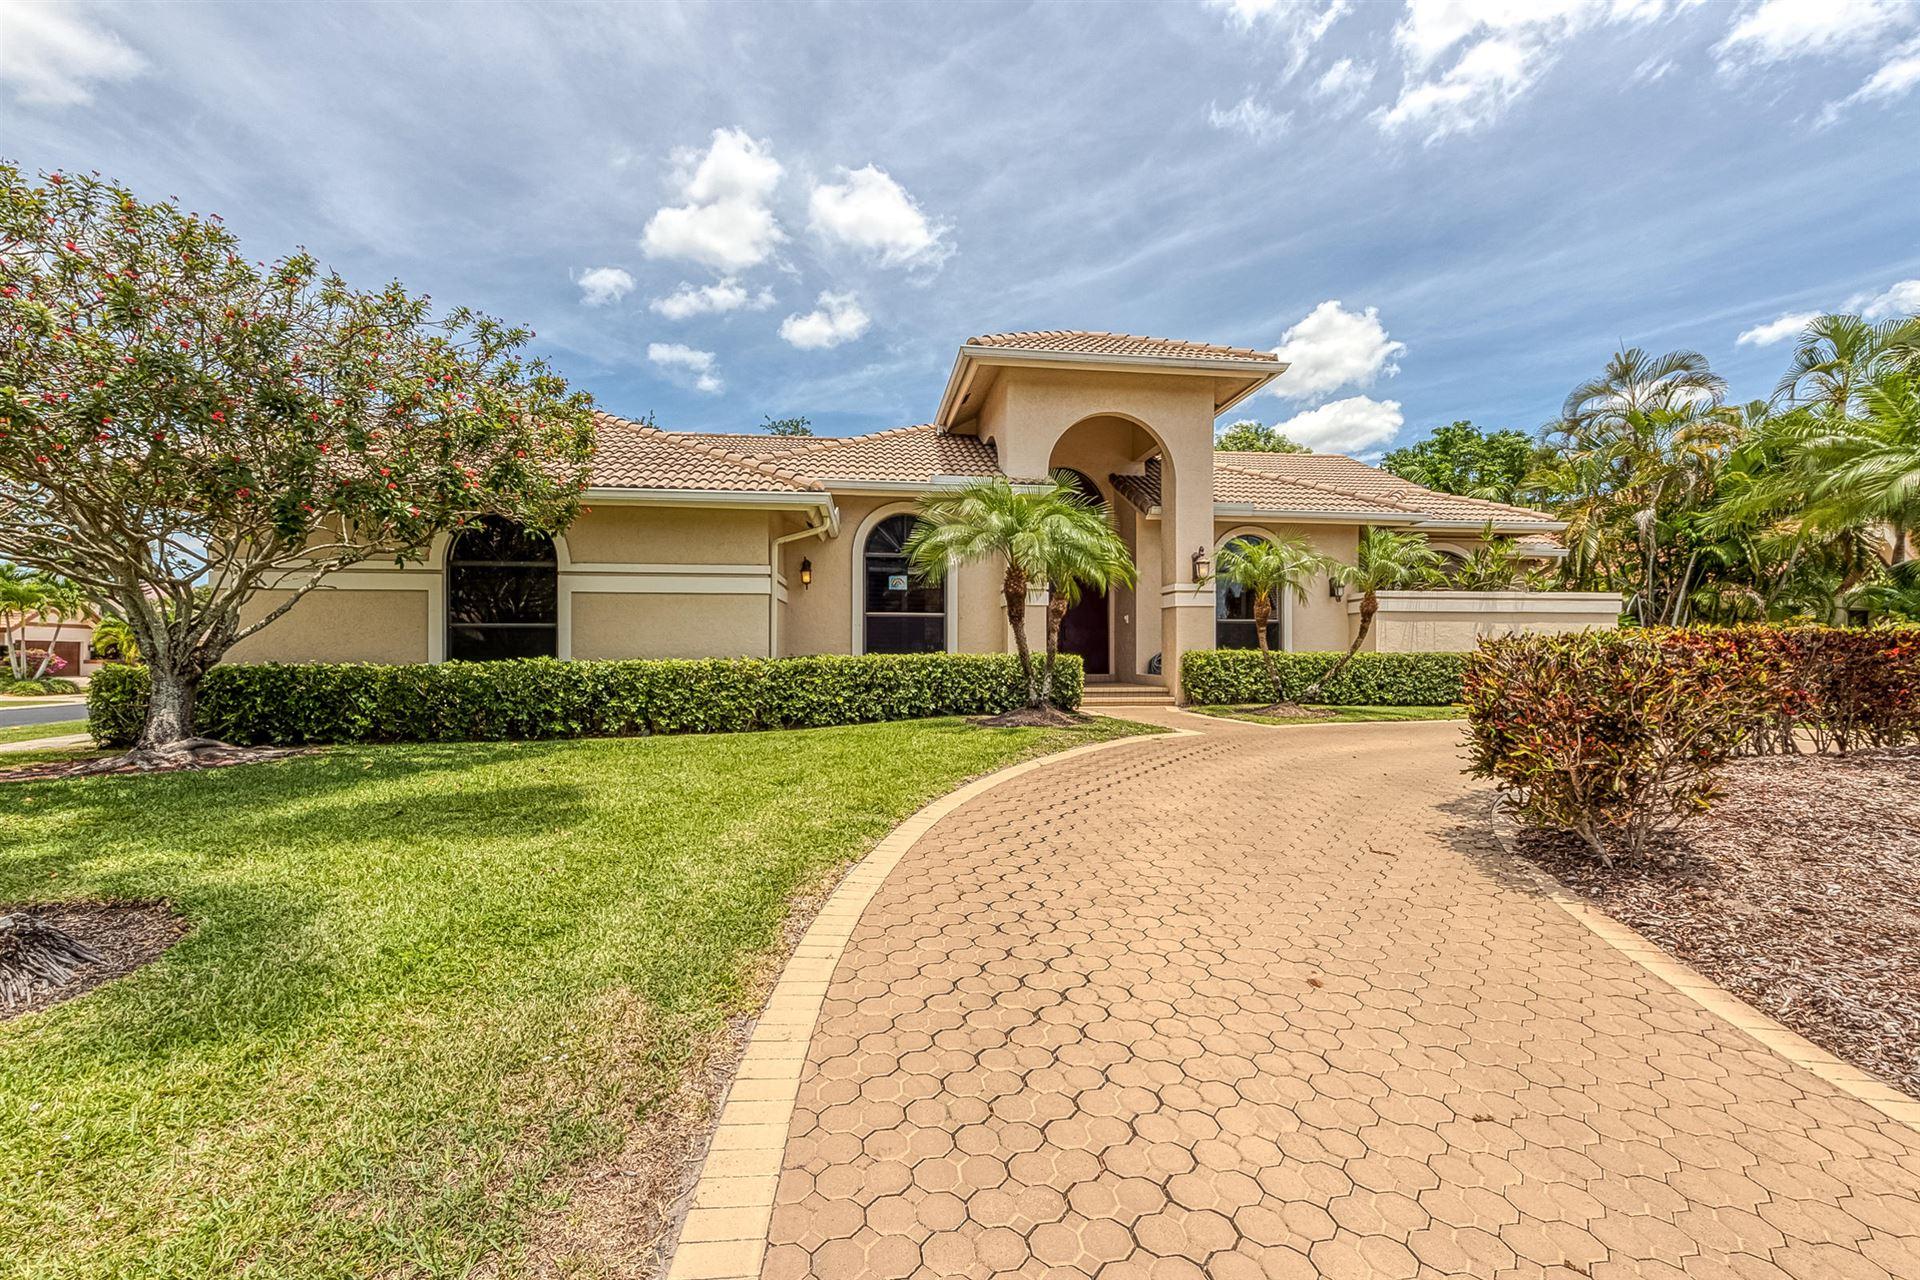 7131 Montrico Drive, Boca Raton, FL 33433 - #: RX-10620531